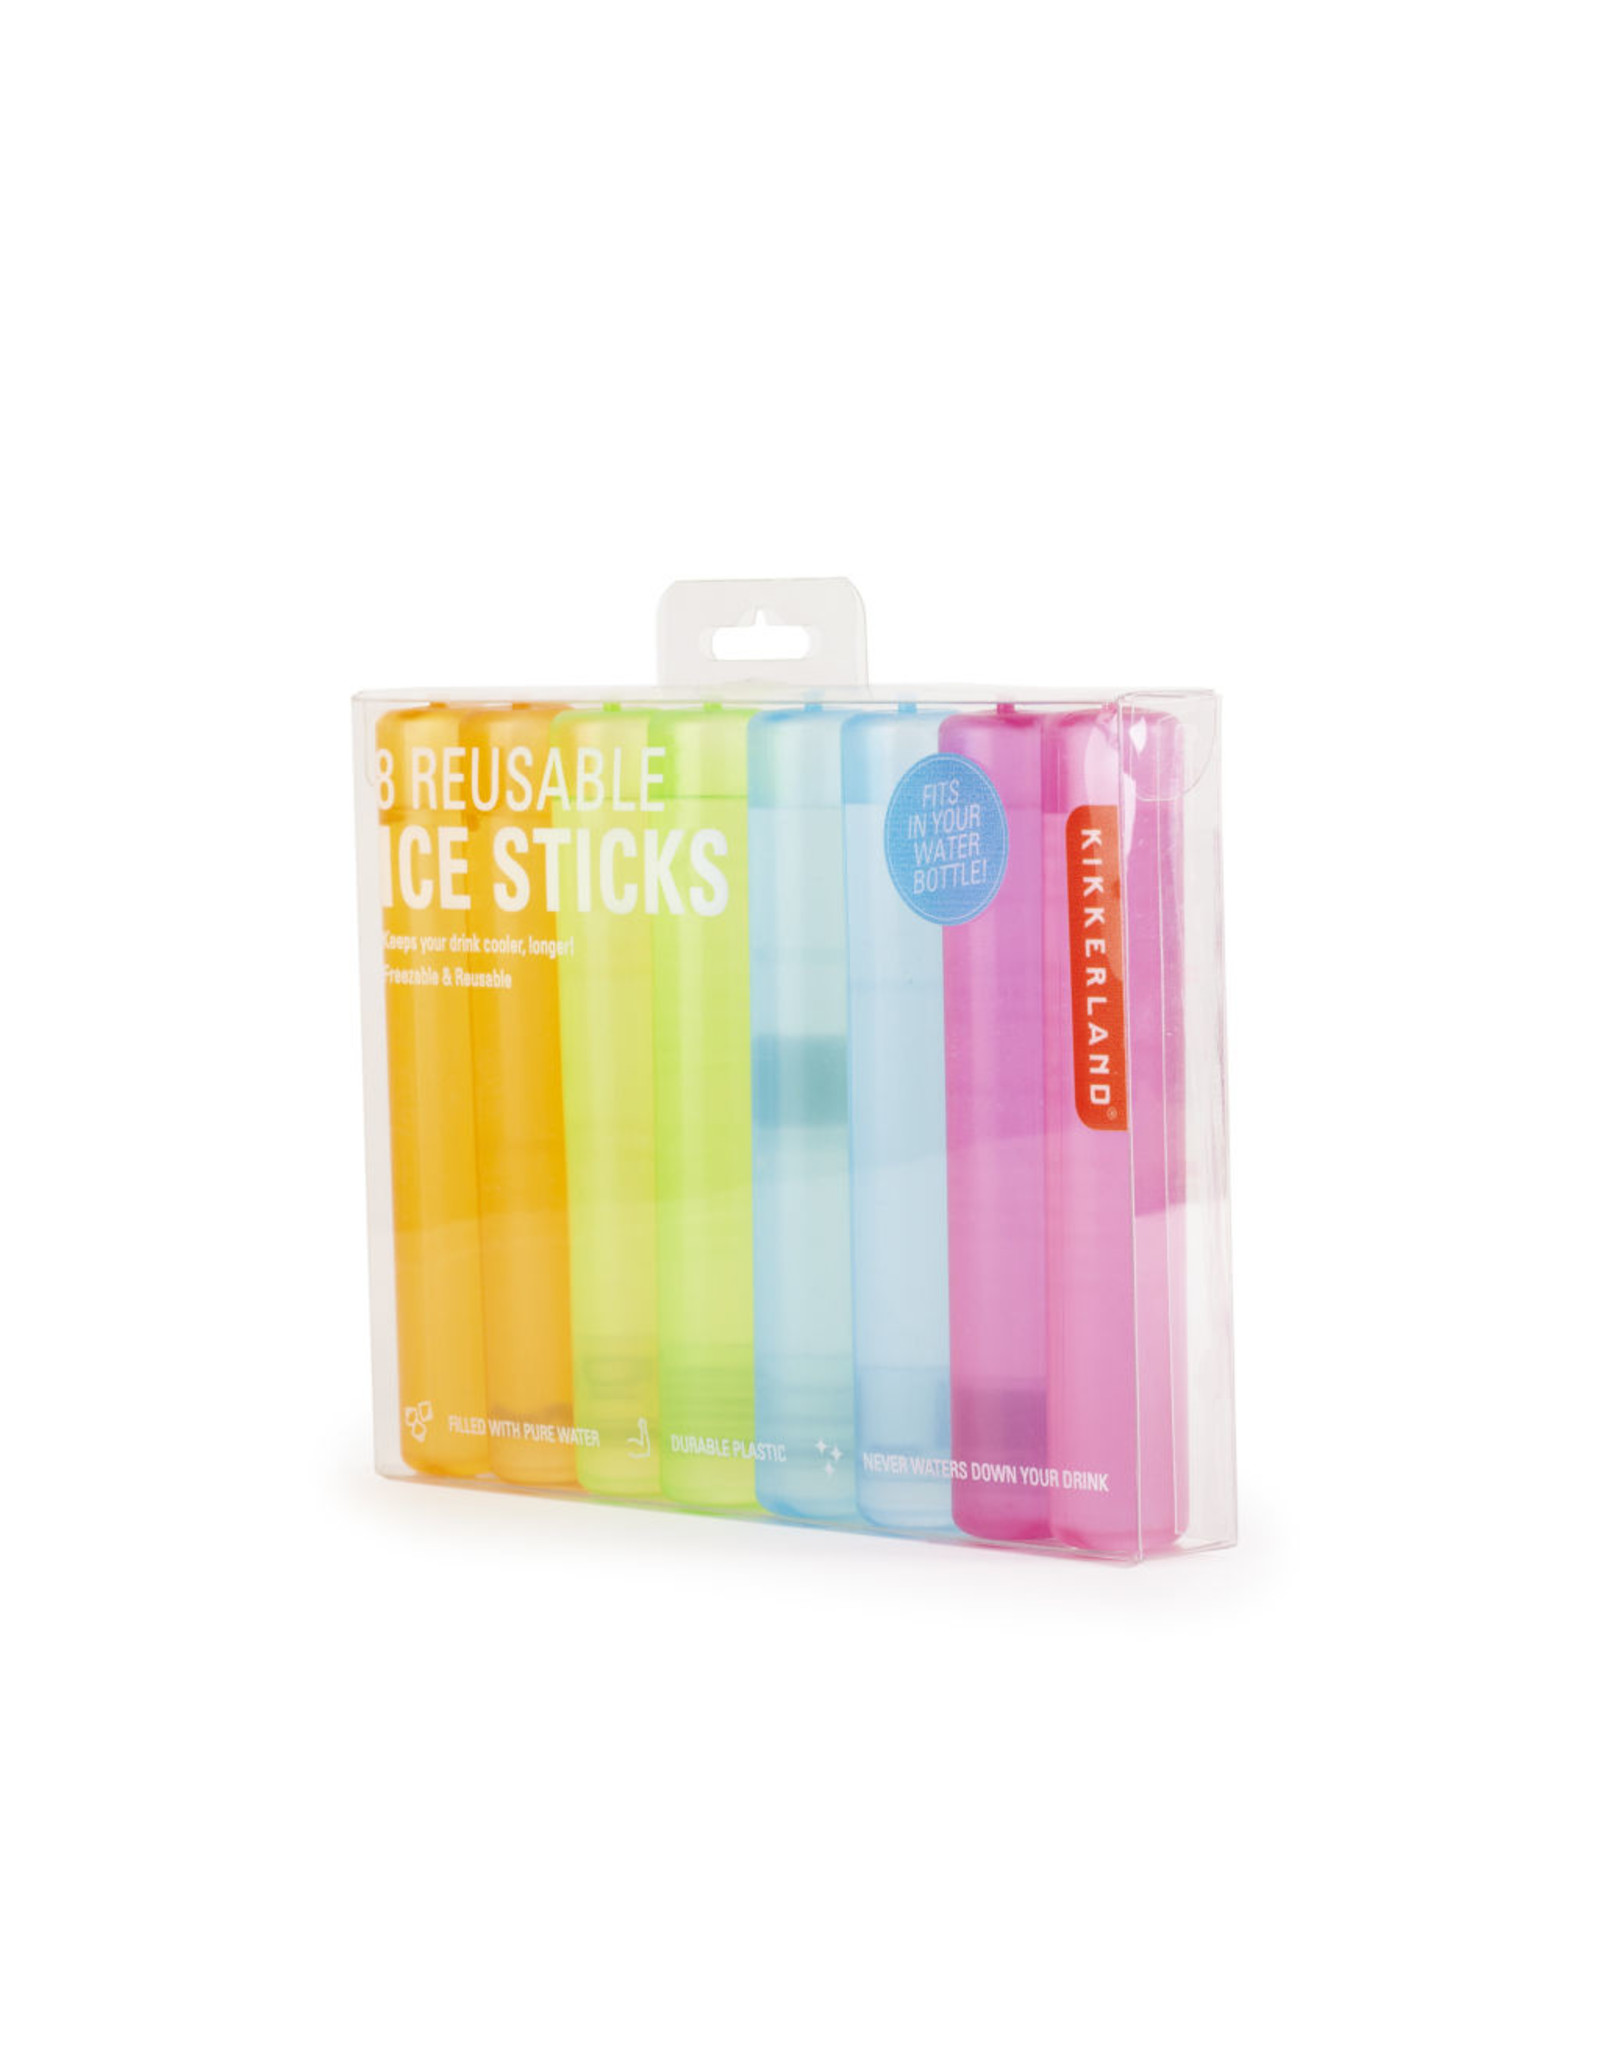 reusable ice sticks for drinking bottles